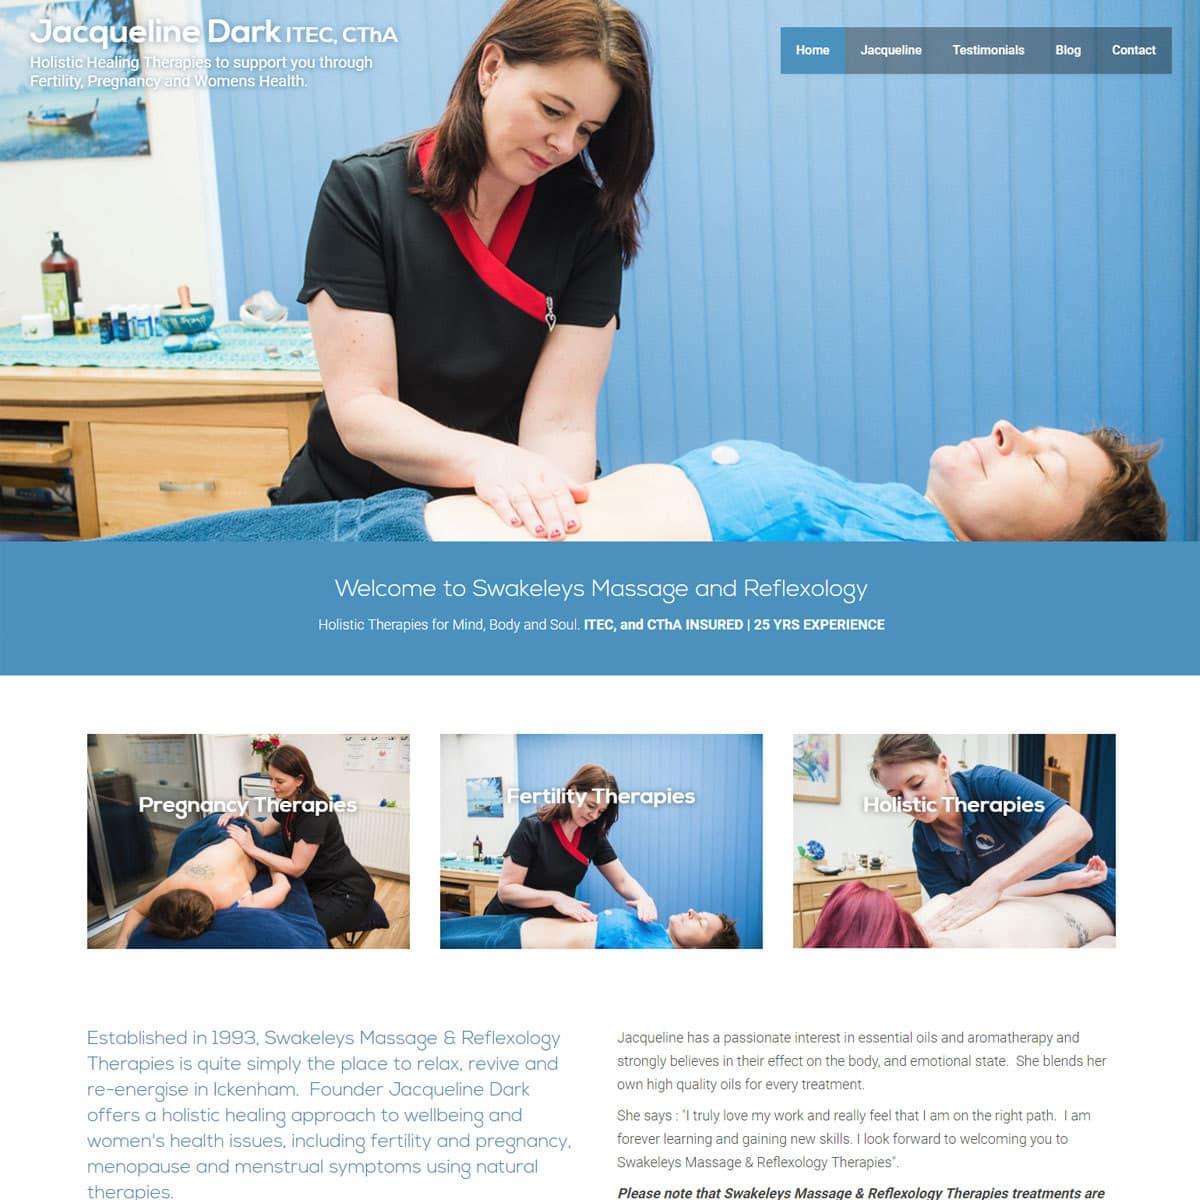 swakeleysmassage